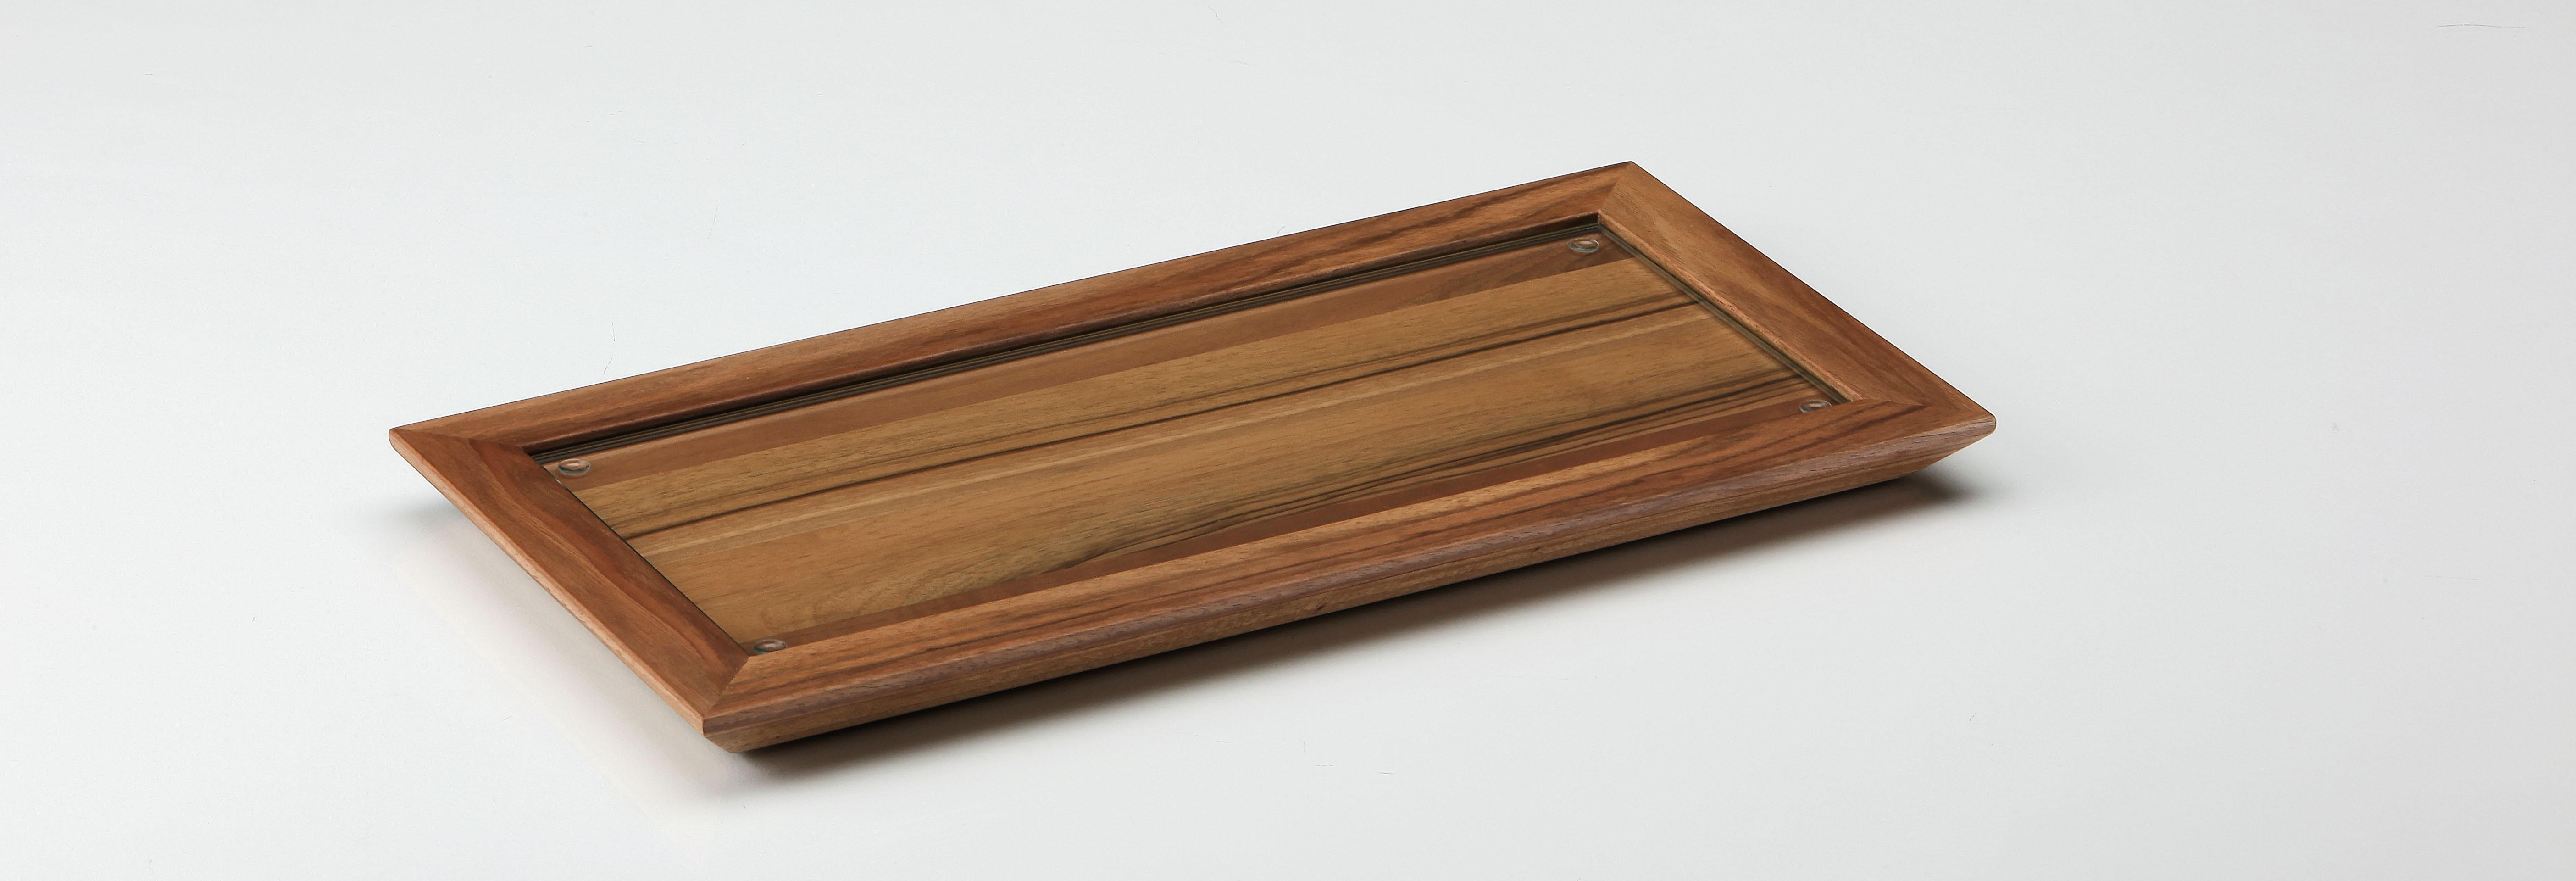 altes gew rzamt ingo holland tablett holz mit glaseinlage. Black Bedroom Furniture Sets. Home Design Ideas